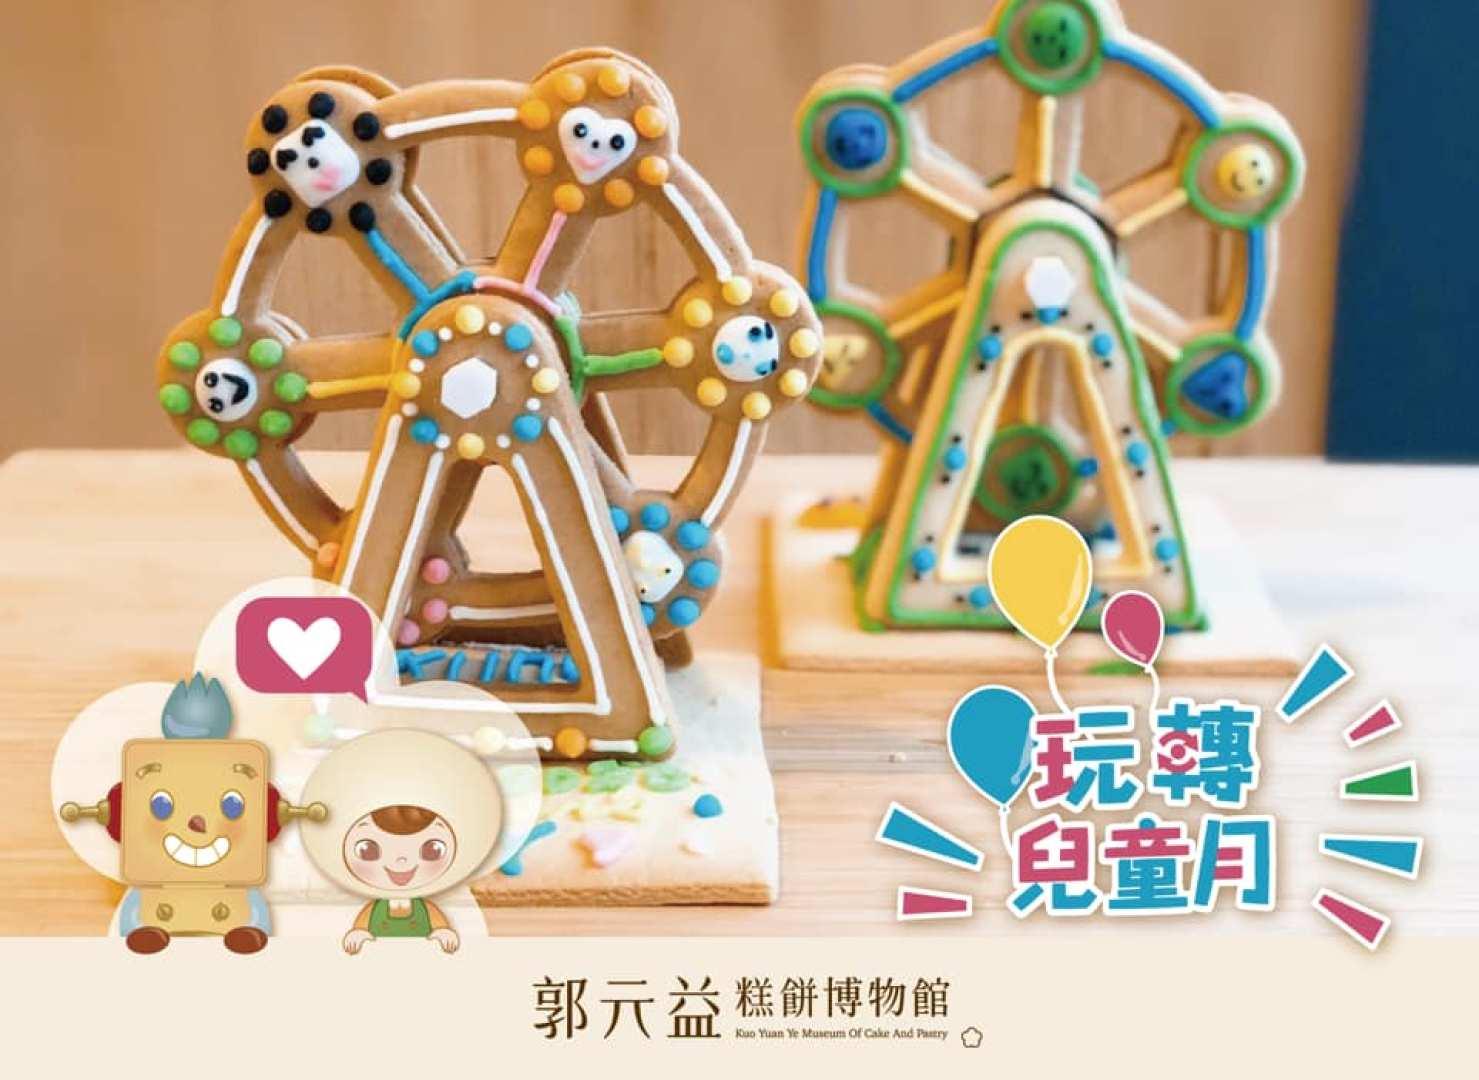 台湾台北 郭元益(グォユェンイー)パイナップルケーキ手作り体験予約+お菓子博物館参観 日本語対応あり